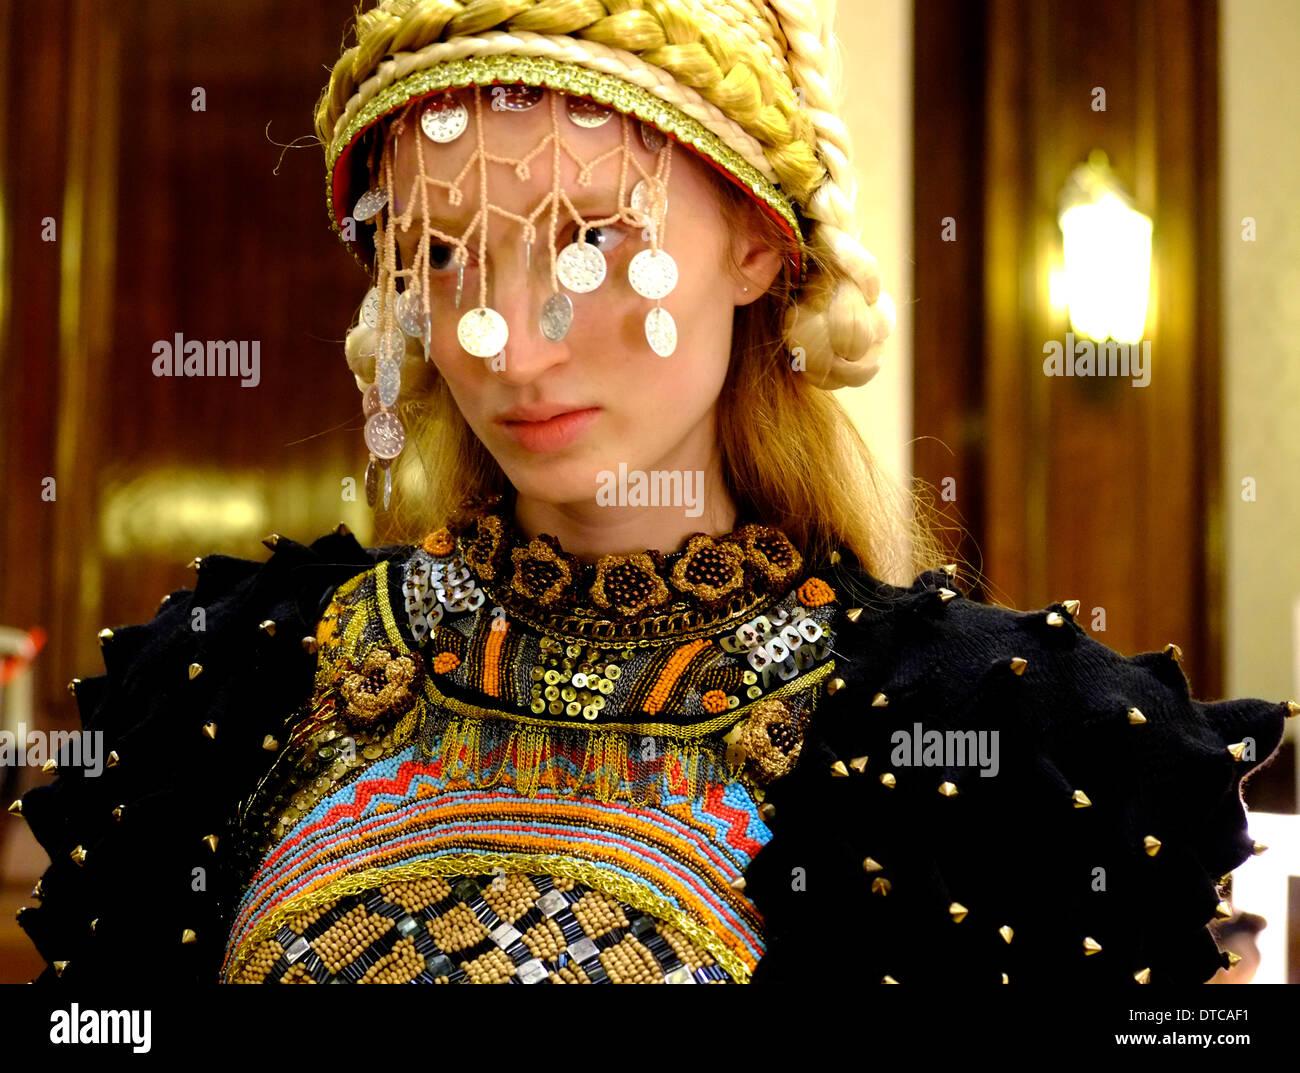 Londra, Regno Unito. 14 feb 2014. CARRIE-ANN STEIN, GEORGE STYLER, HIROKO NAKAJIMA E SARAH RYAN , quelli per guardare i designer per AW14. Foto dal backstage da London Fashion Week Credito: Rachel Megawhat/Alamy Live News Immagini Stock